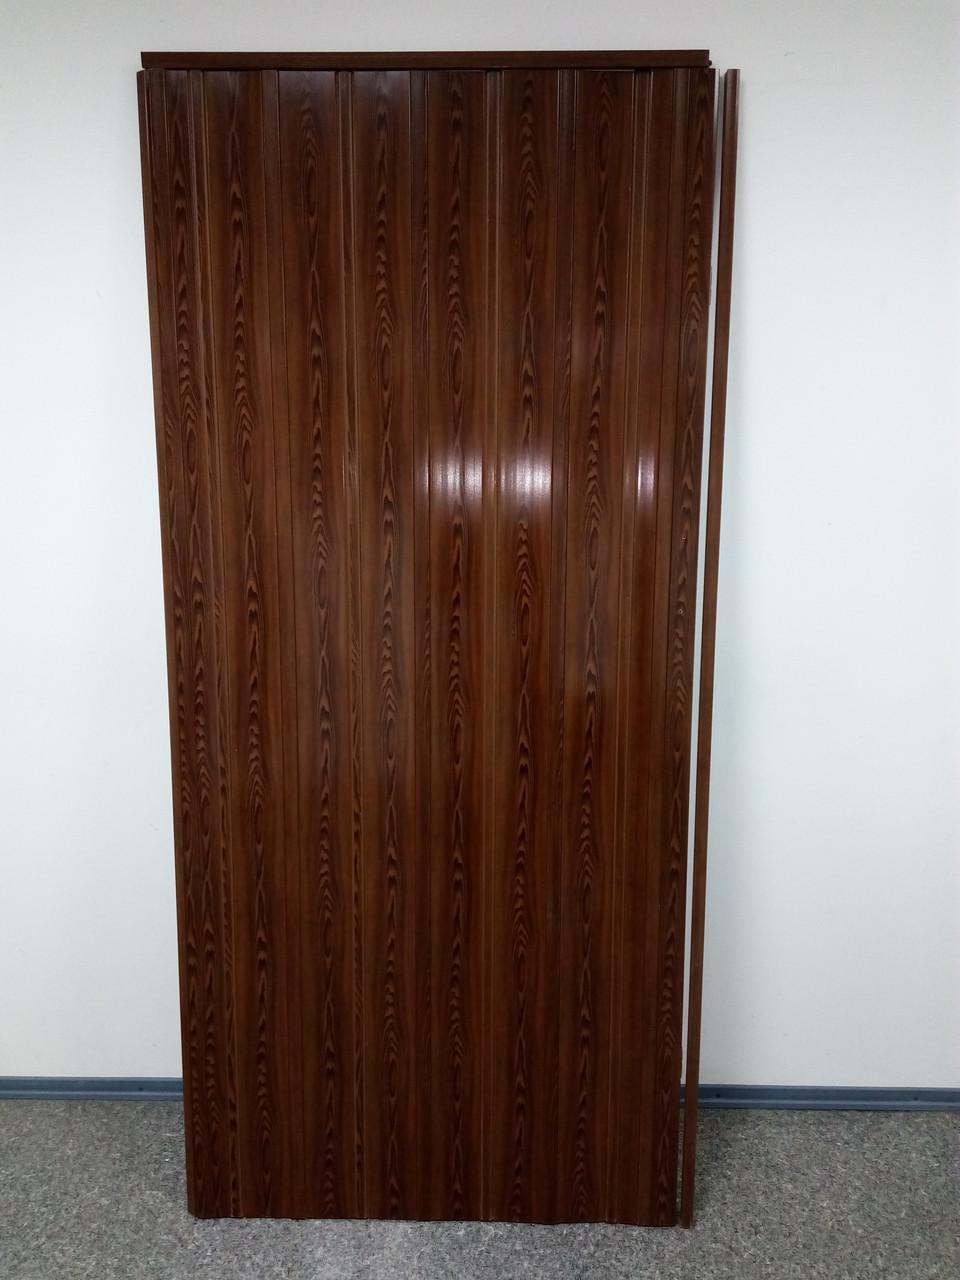 Дверь гармошка межкомнатная ЭЛИТ, 6012 дуб рустик, 880*2030*10 мм